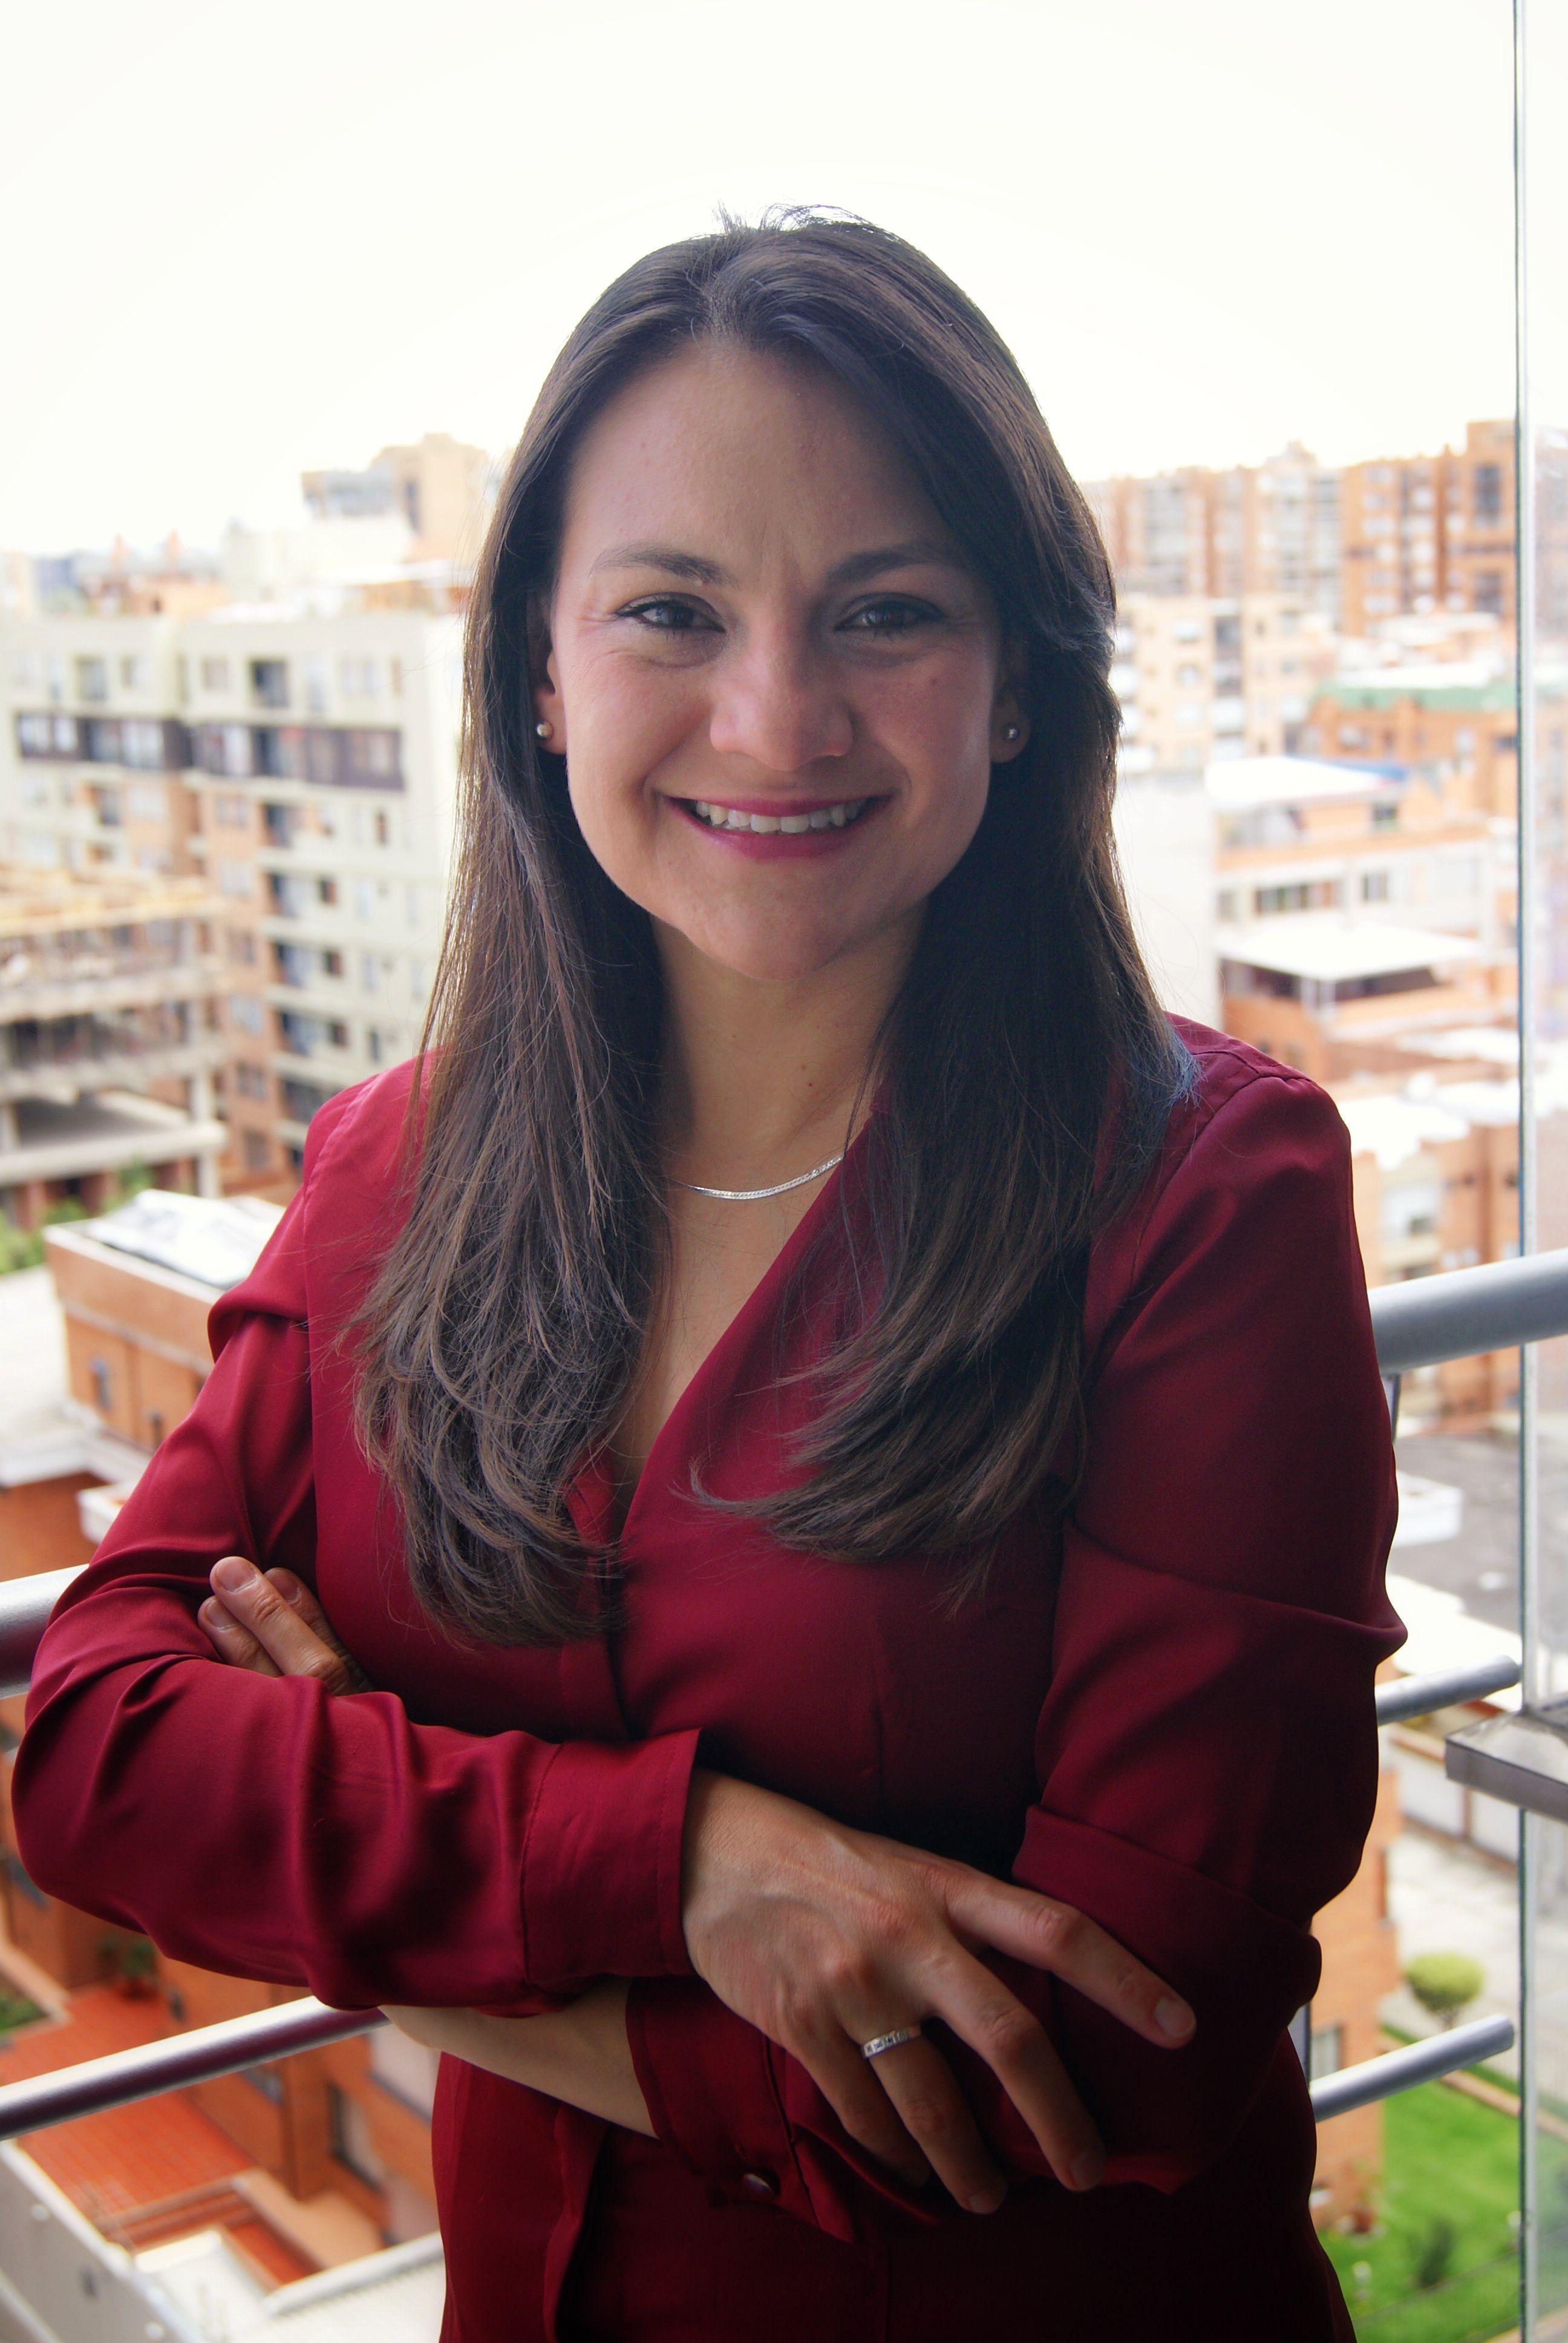 """Fomentamos entre los usuarios el uso de la autenticación de dos factores, un proceso de identificación que combina: algo que sabes (tu contraseña) y algo que tienes (clave o código de seguridad)"", subraya Margarita Abella Hernández, especialista en Educación a Usuarios en Seguridad Digital de Google."